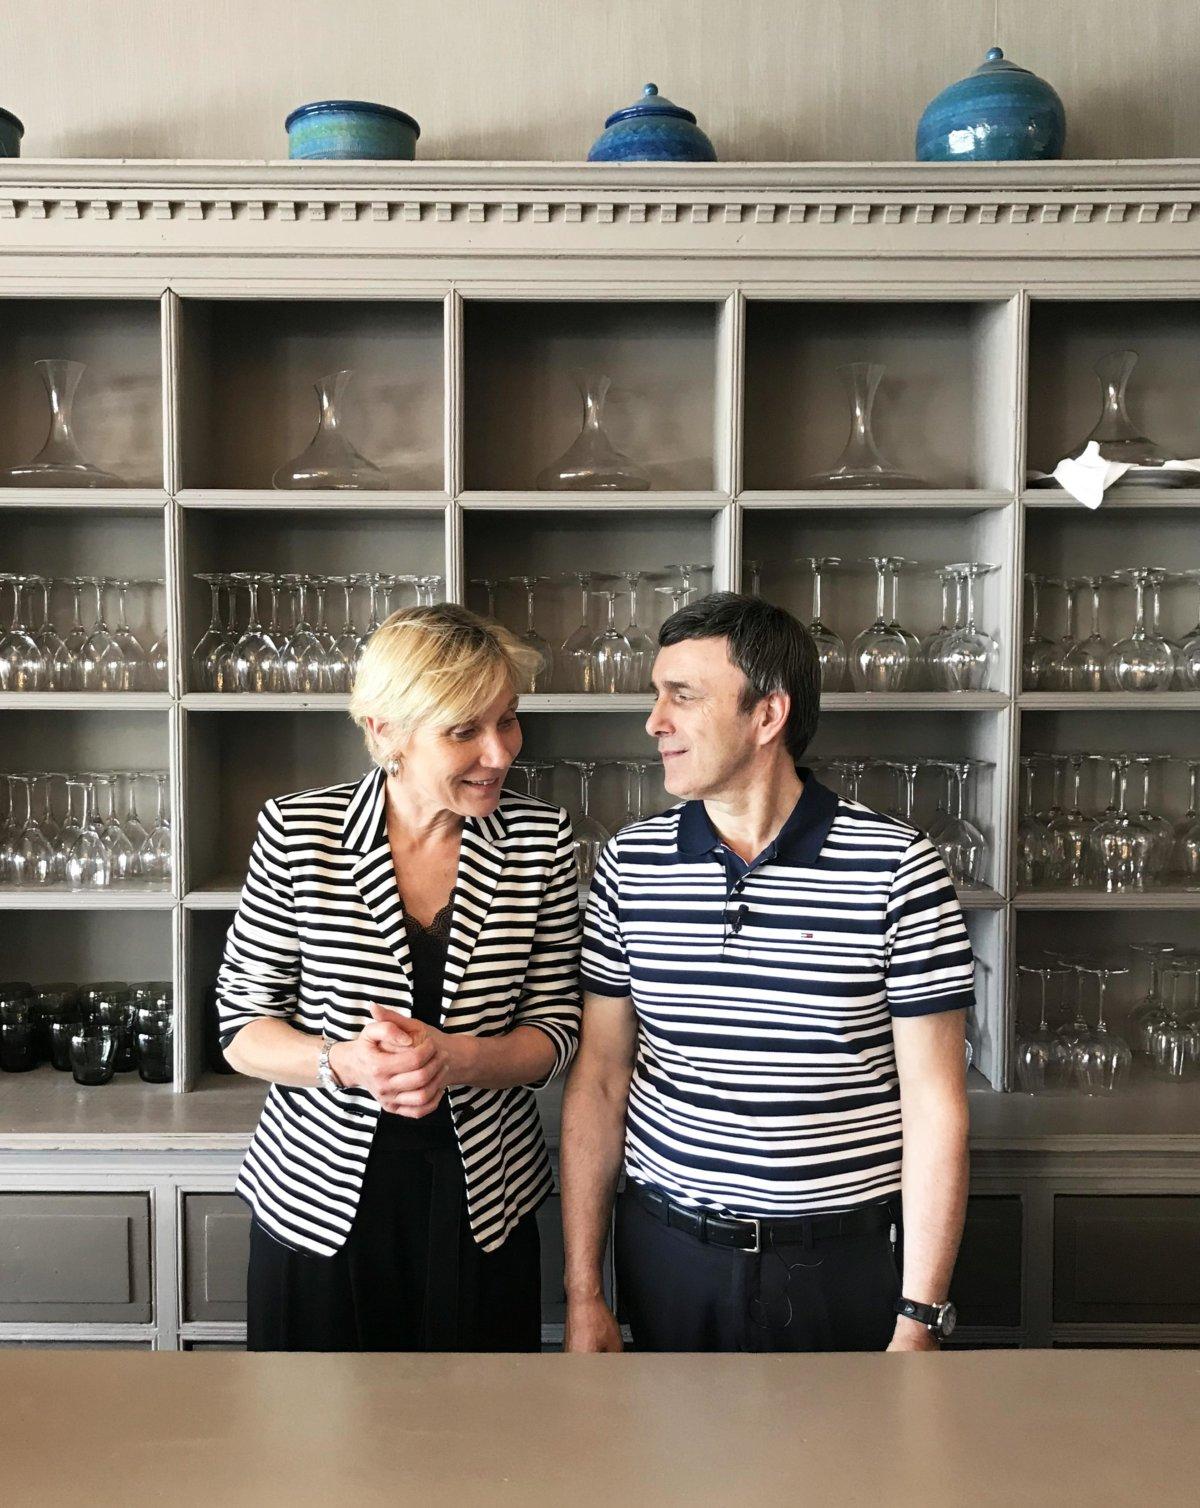 photo femme et homme devant bibliothèque de vaisselle, tous les deux en marinière